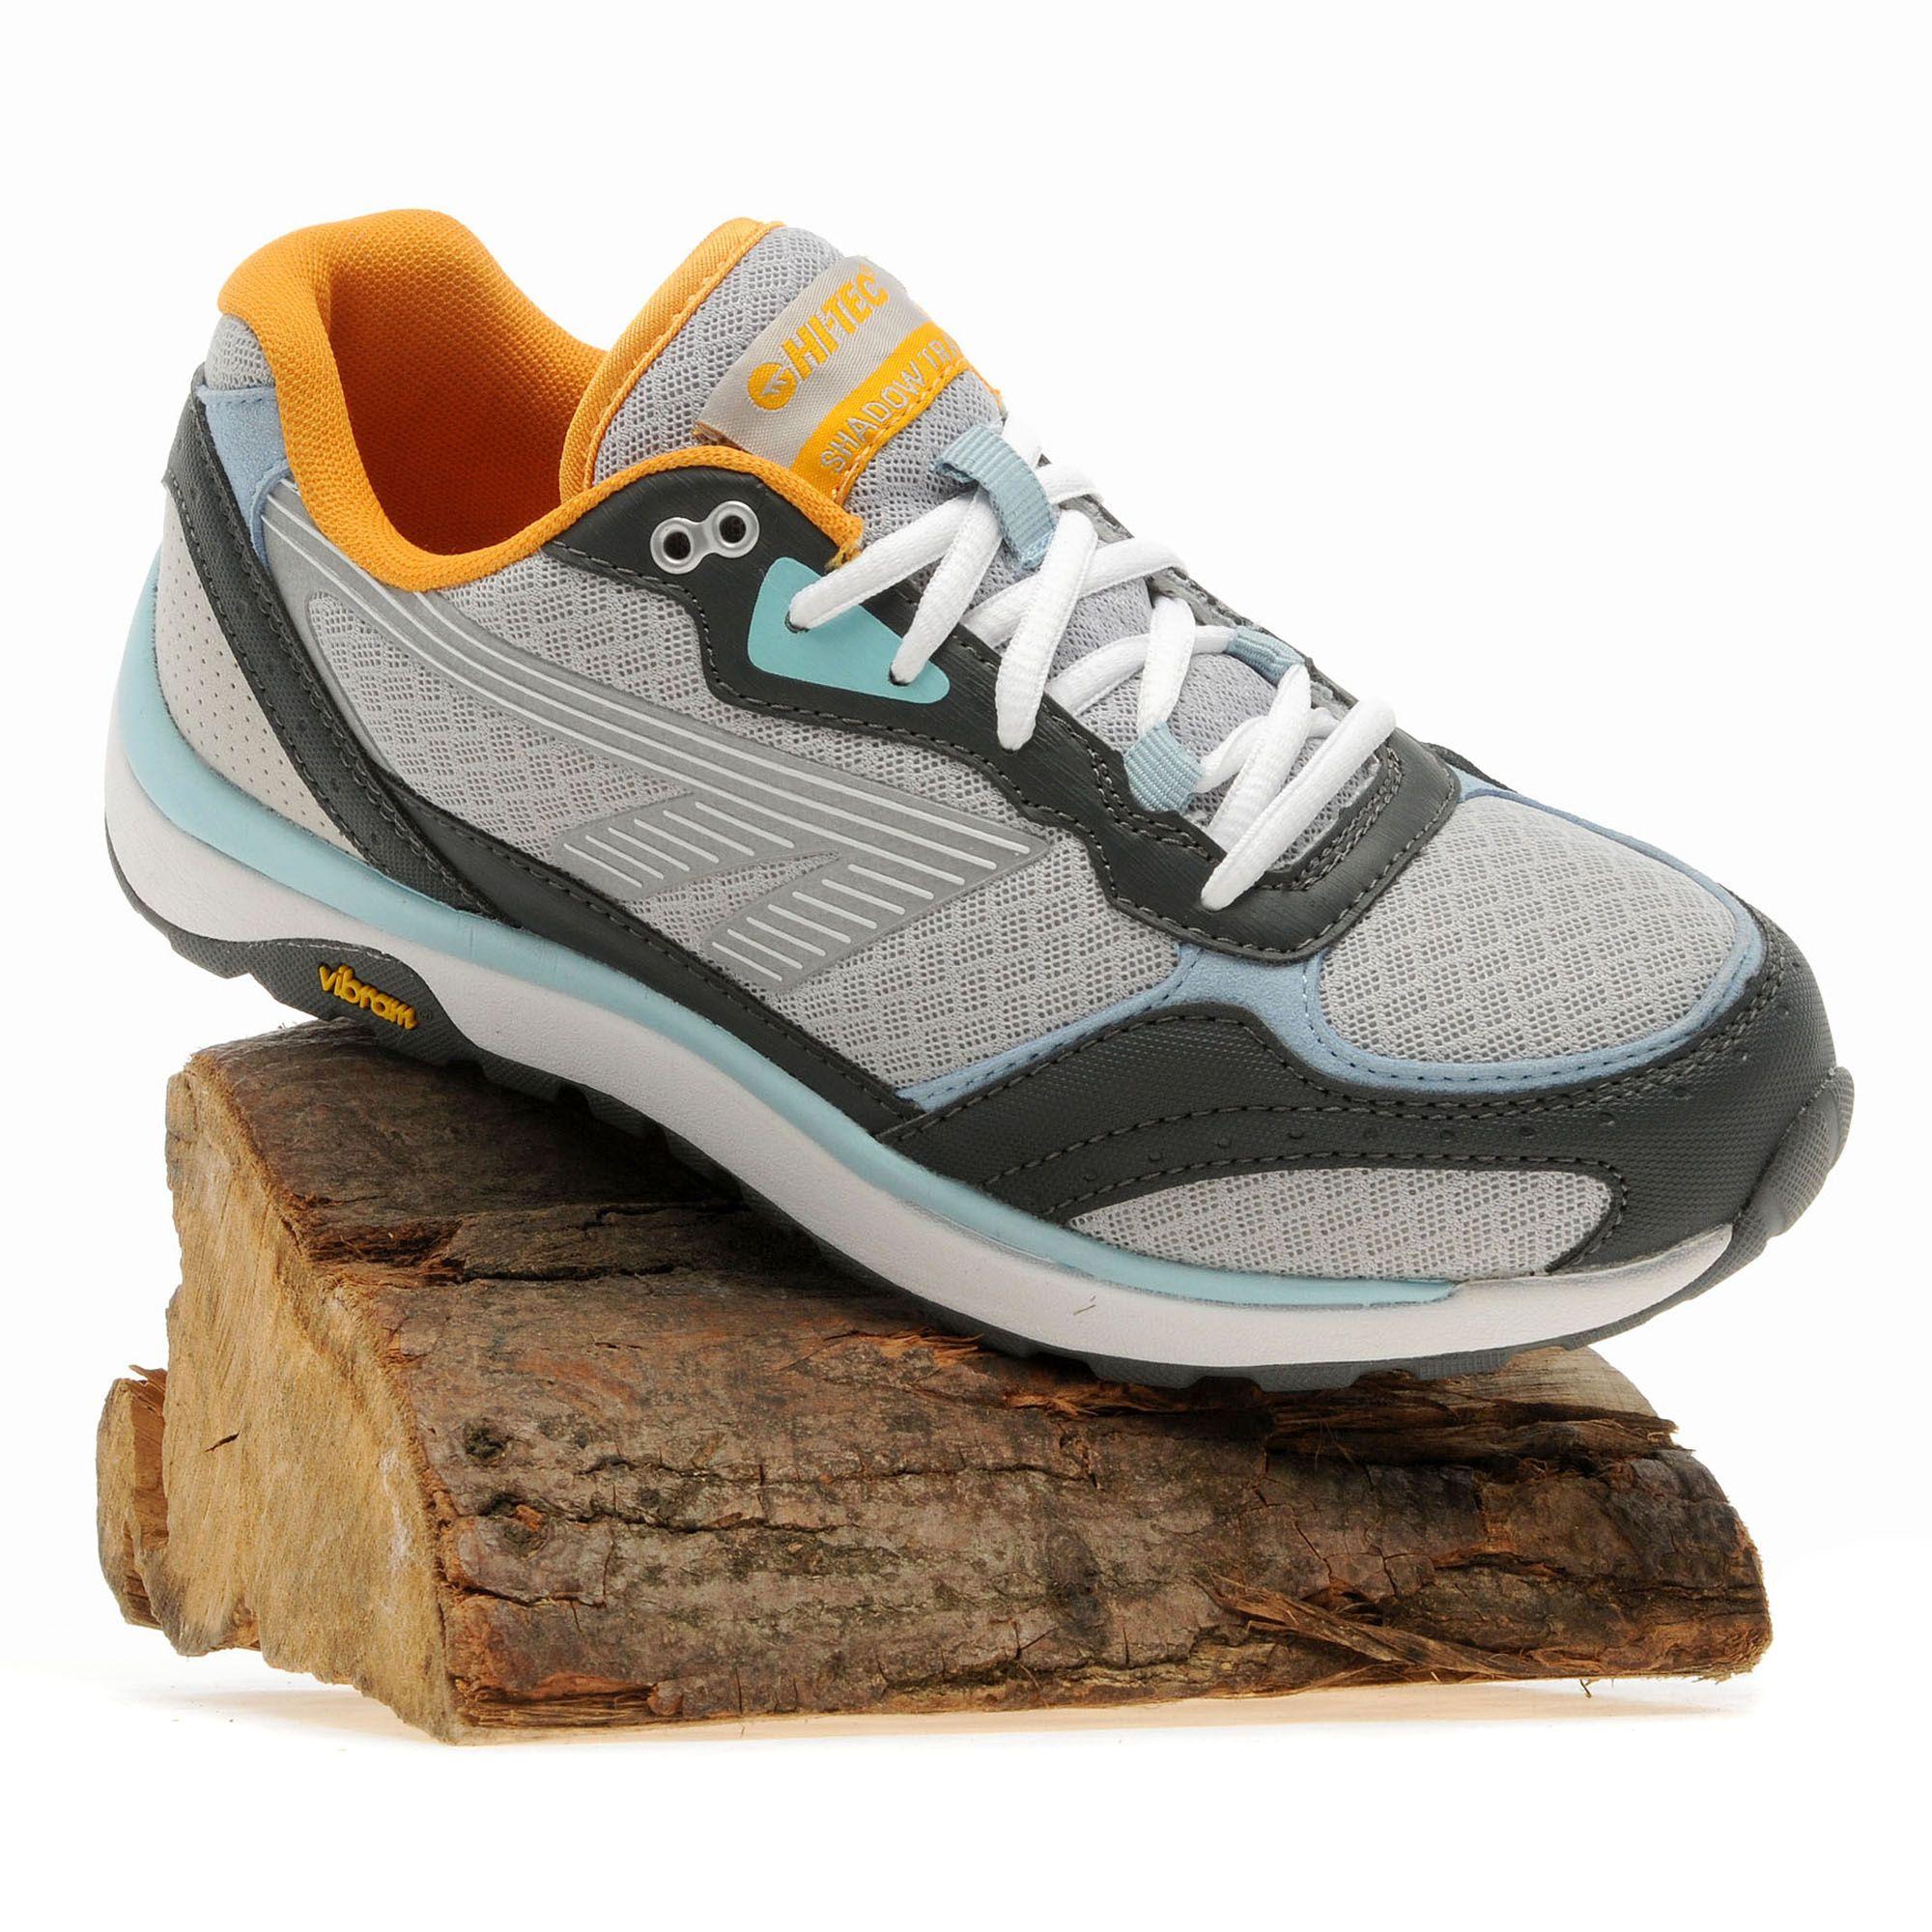 HI TEC Women's Shadow Trail Running Shoe